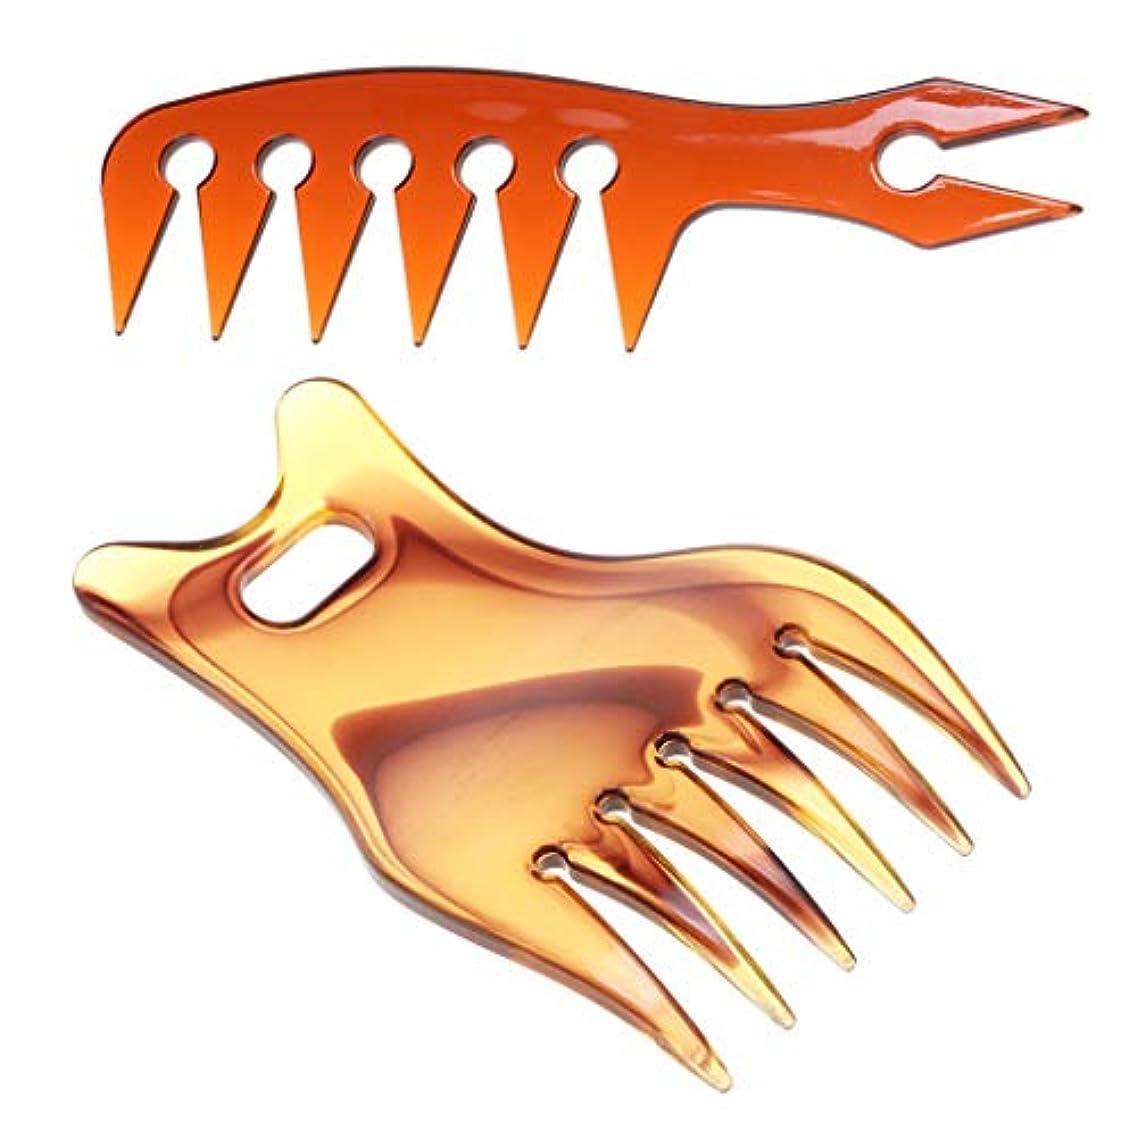 黙反応する観察するヘアコーム オイリーヘアコーム 広い歯 毛櫛 ヘアダイコーム プラスチック 帯電防止 耐熱性